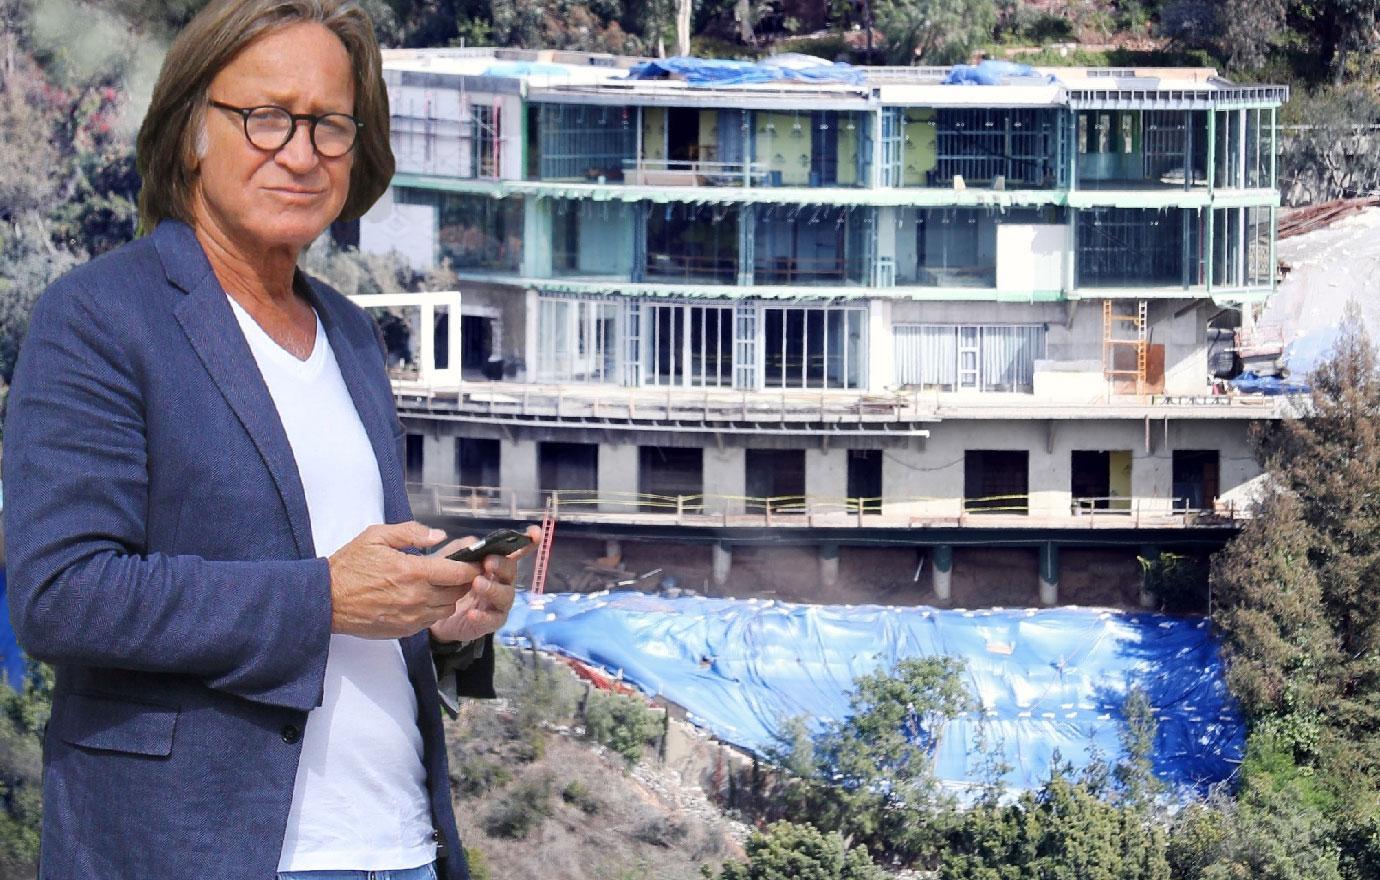 Mohamed Hadid Bel Air Mansion Damaged Dump Amid Legal Battle